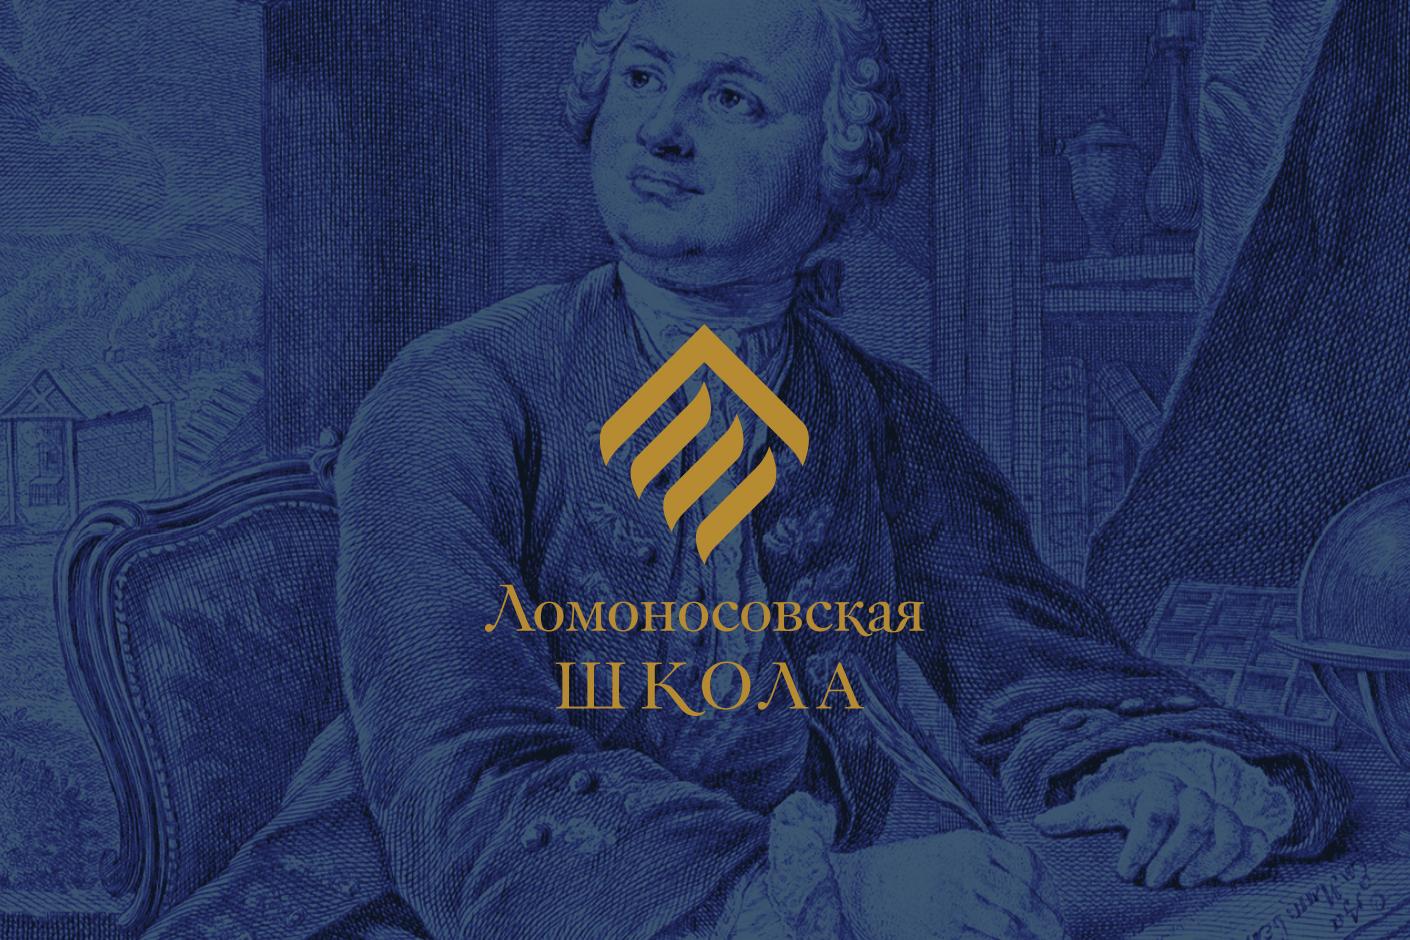 Ребрендинг Ломоносовской школы в Москве